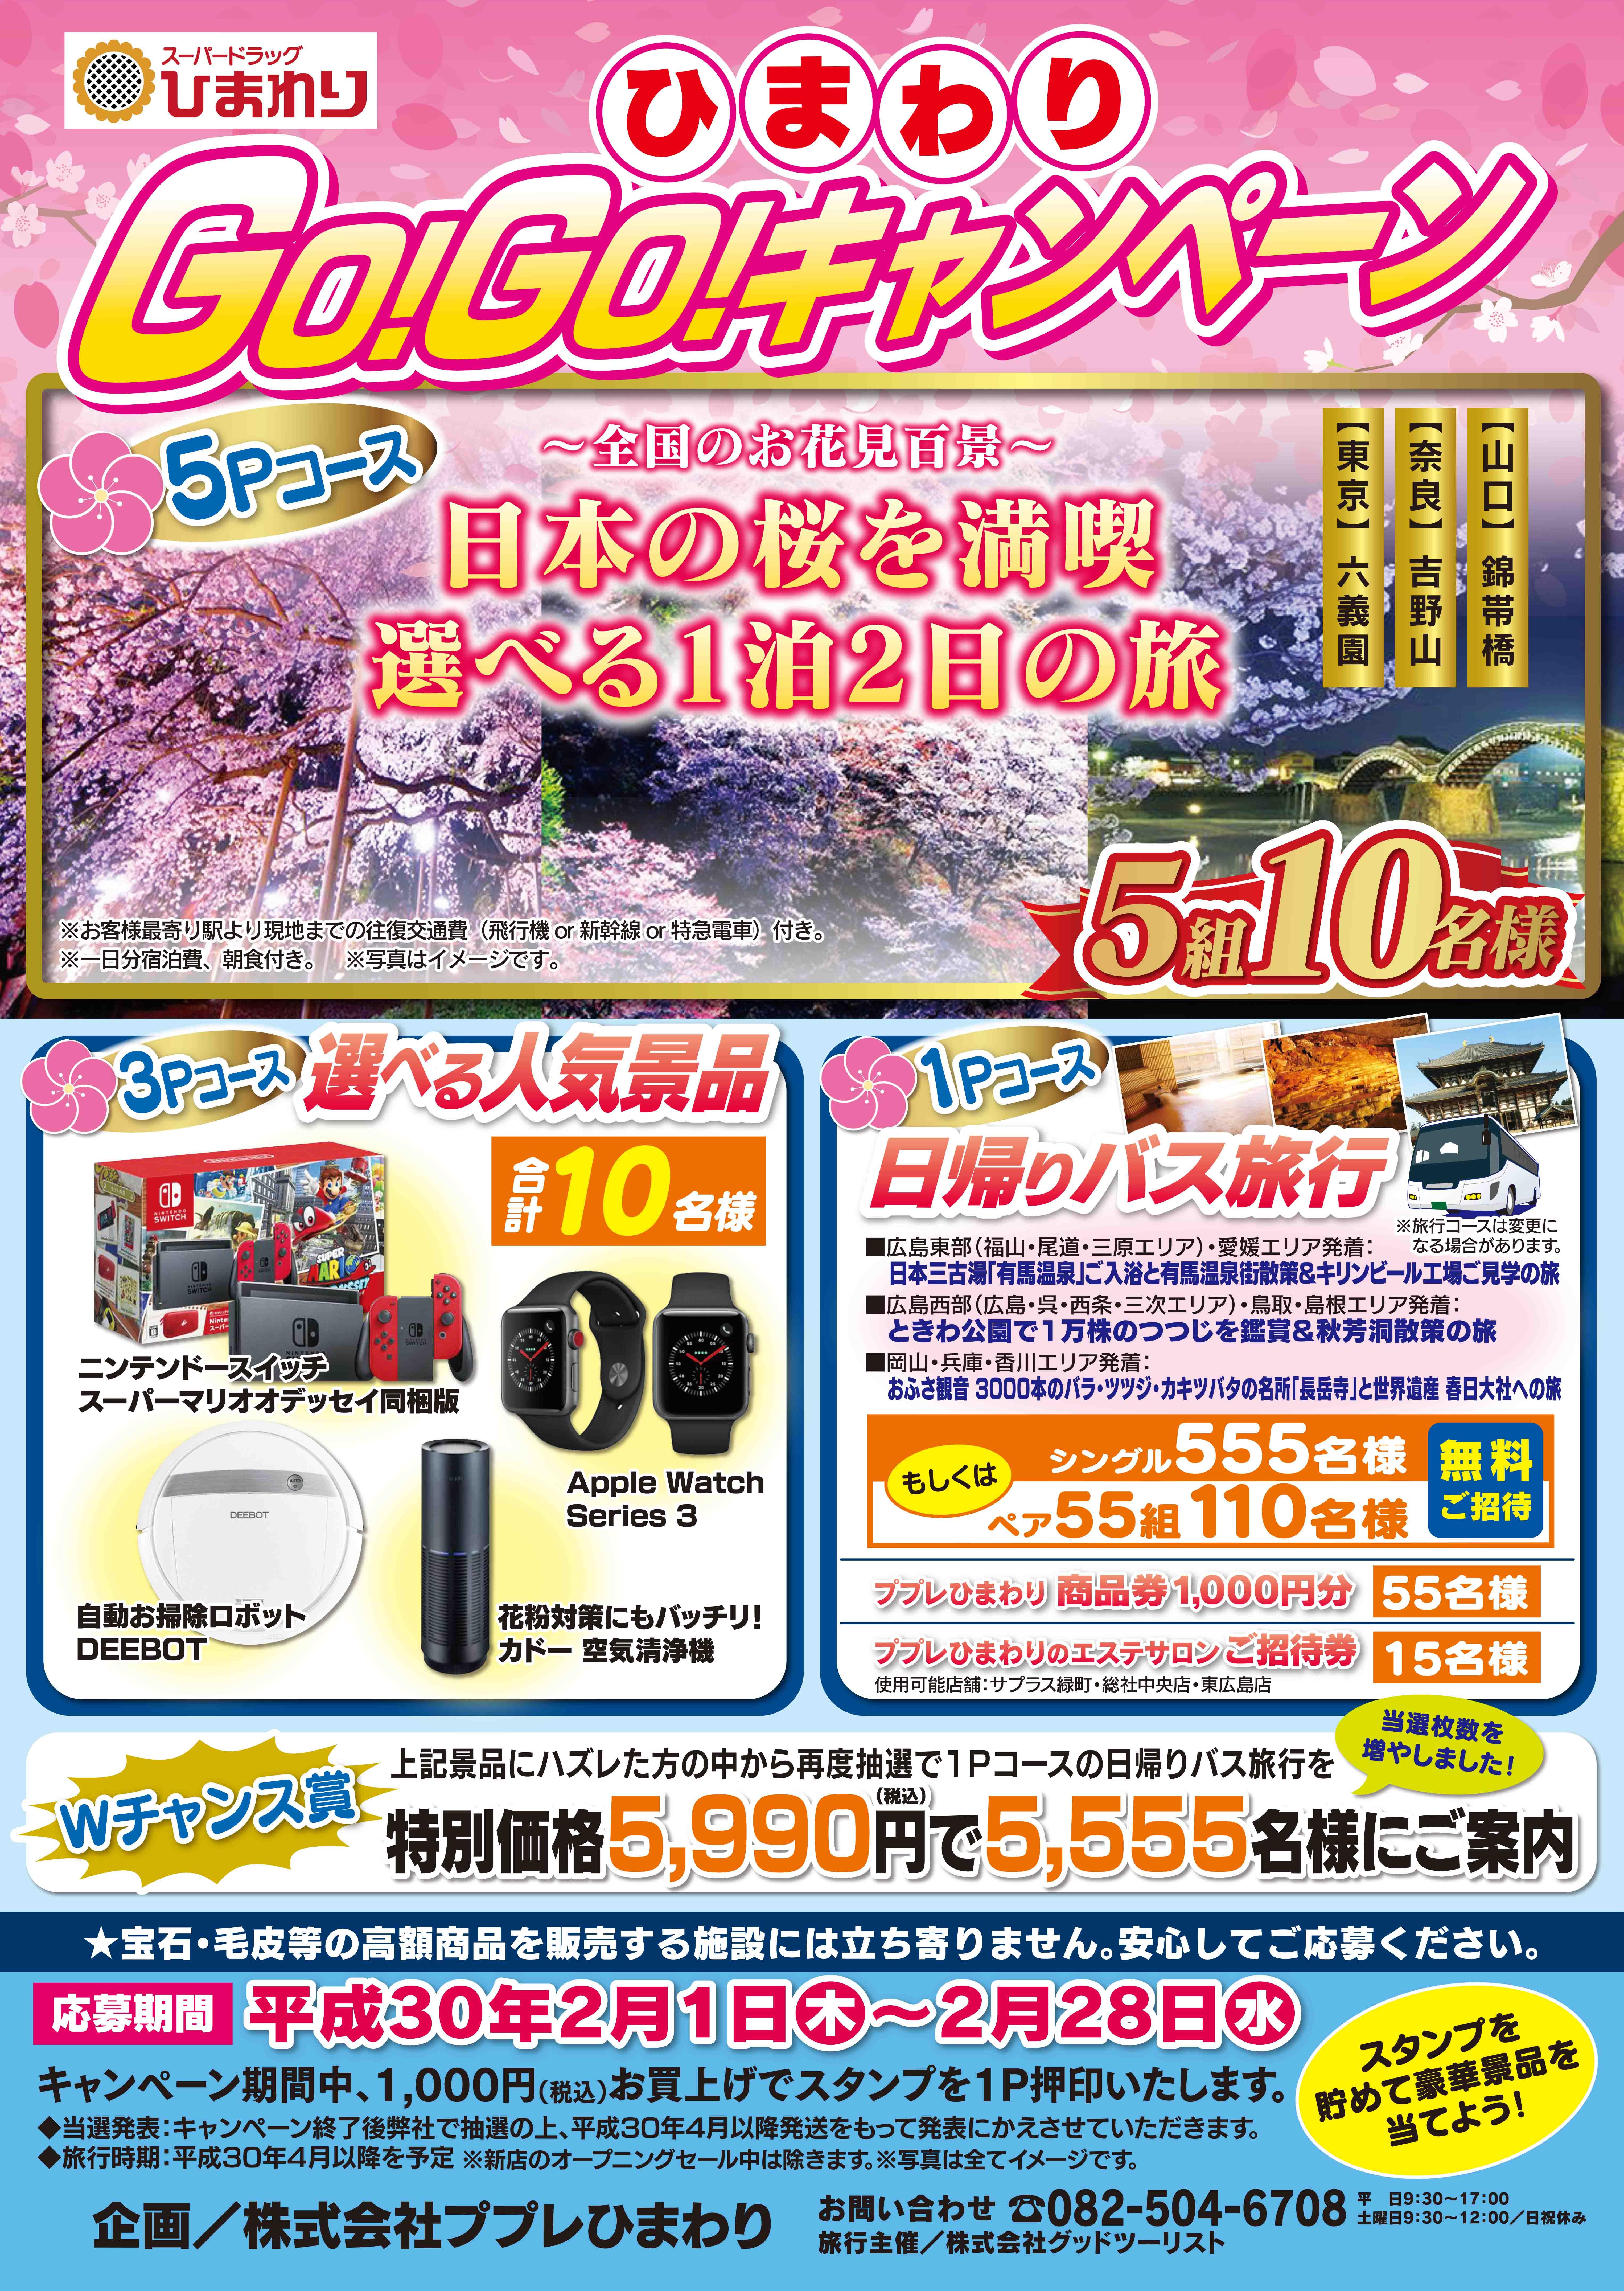 【株式会社ププレひまわり様】GO!GO!キャンペーン 実施中